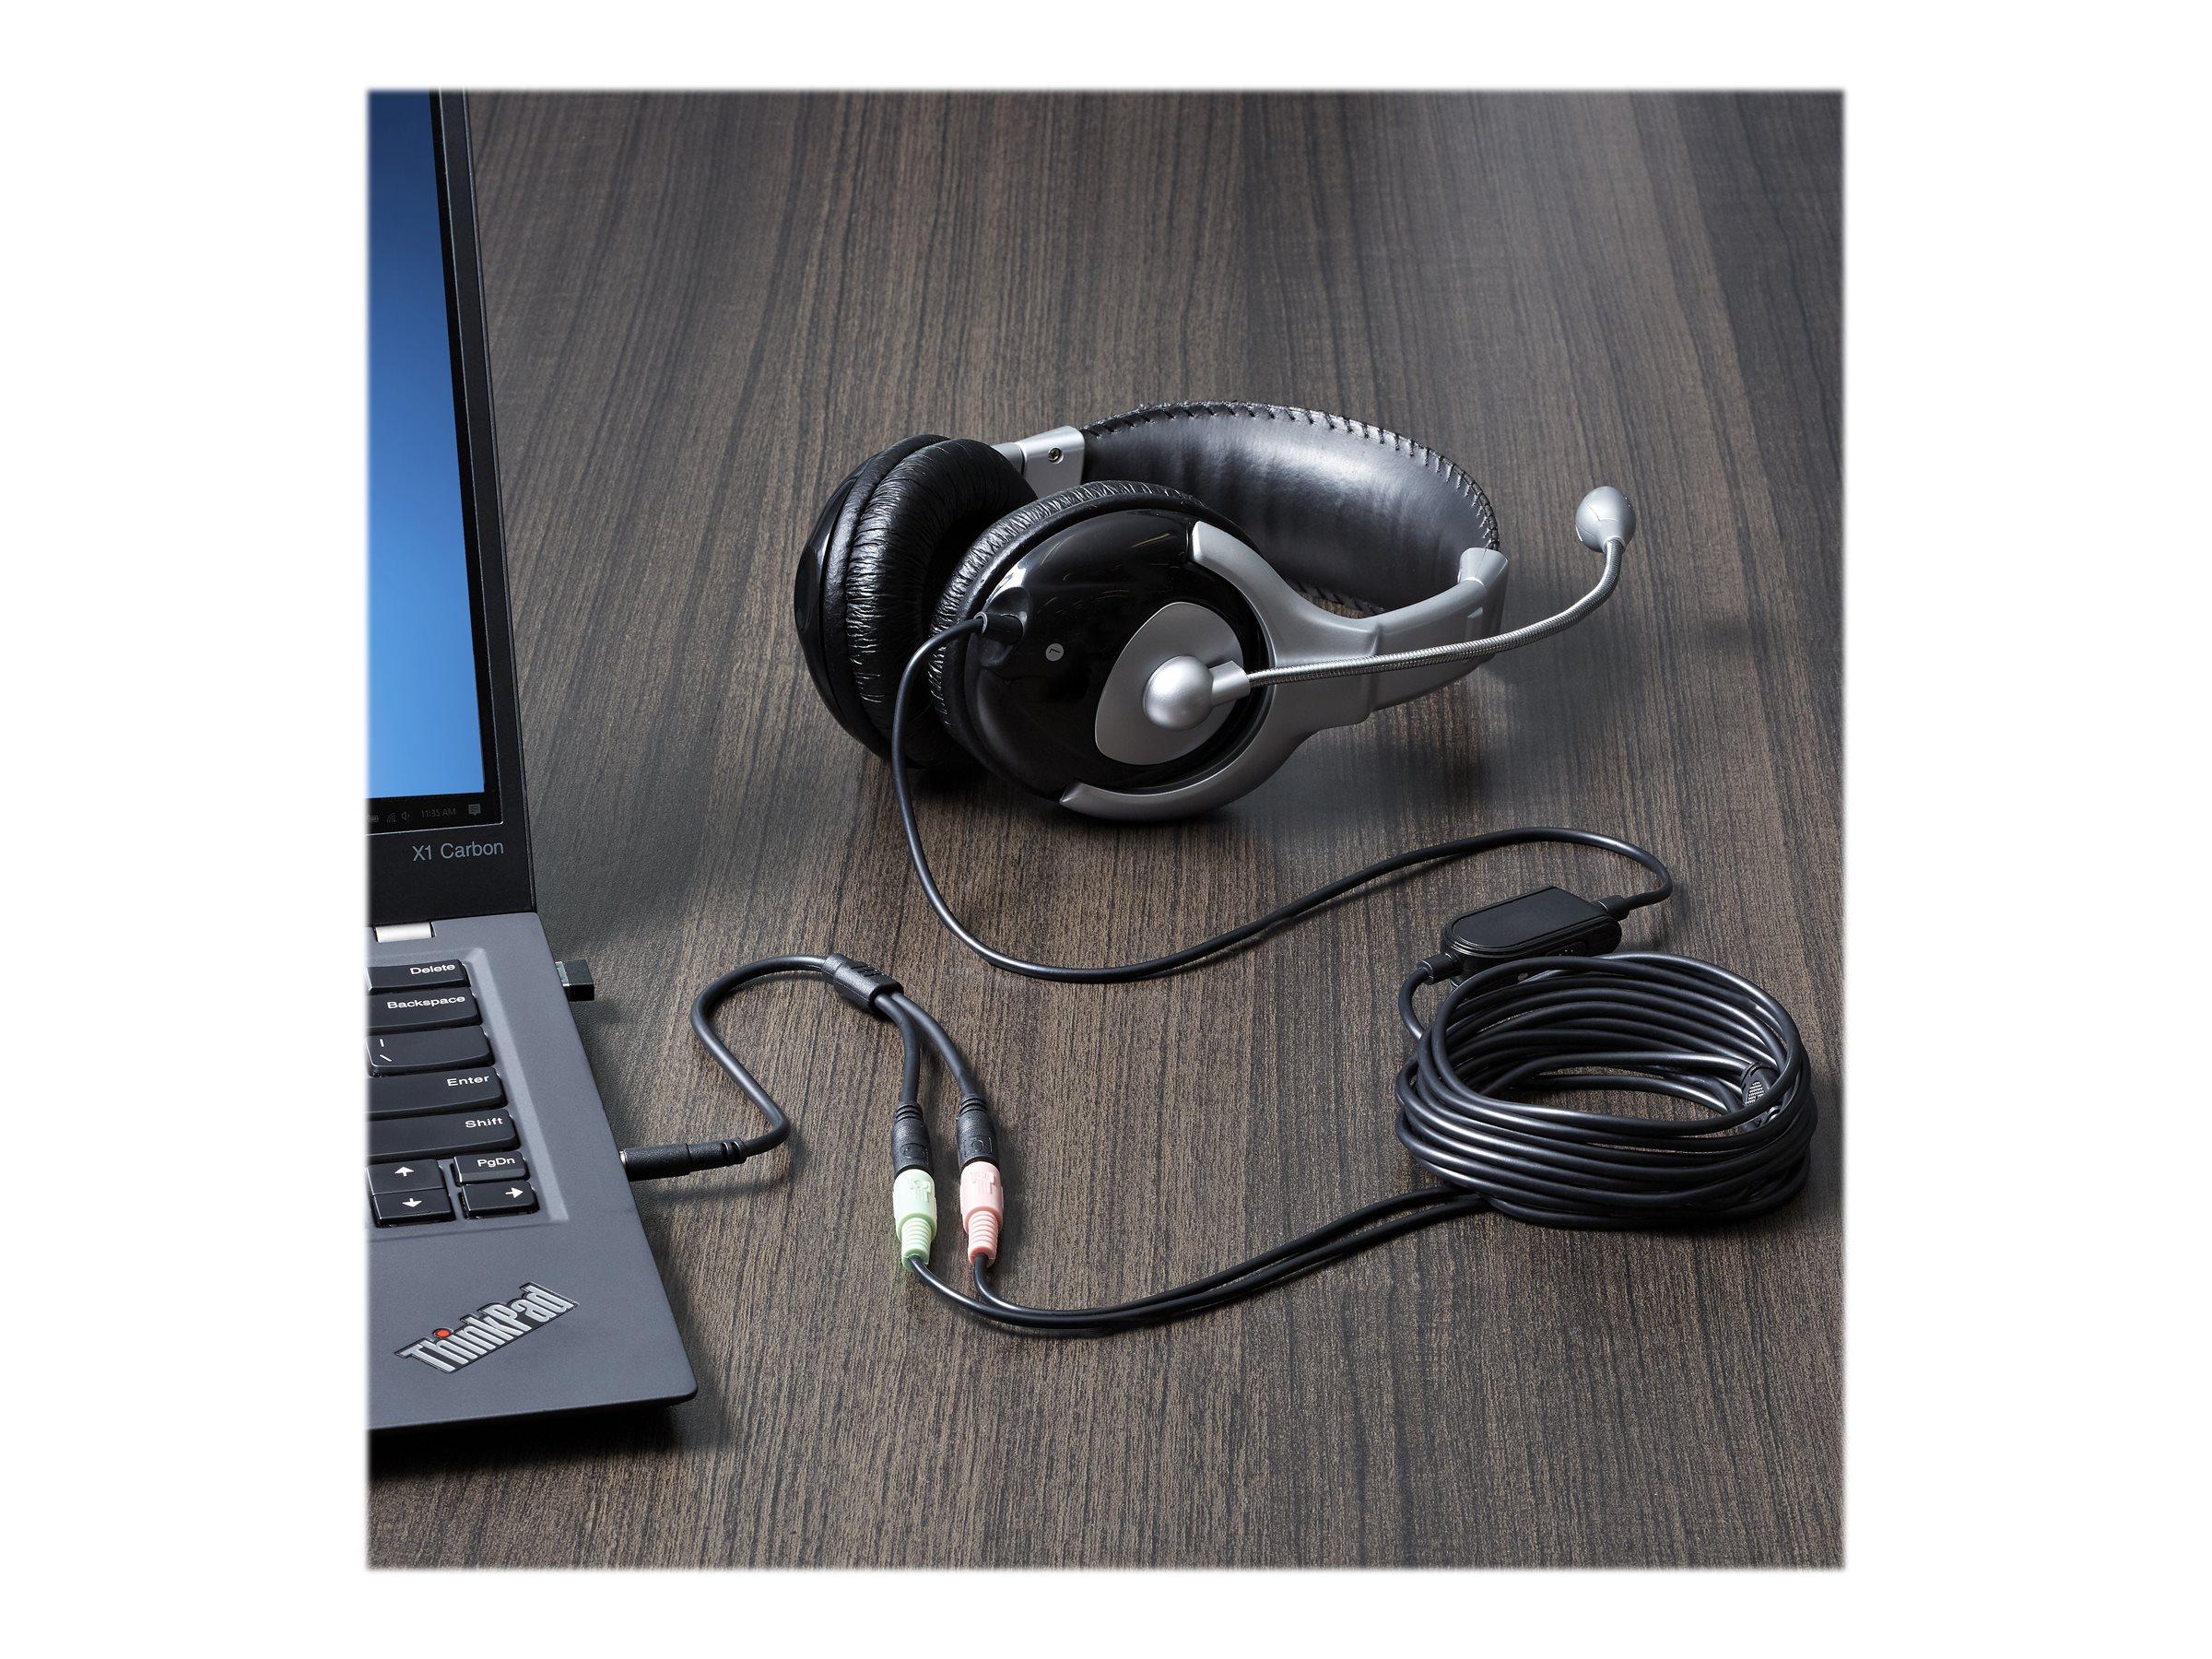 StarTech.com 3,5mm Klinke Audio Y-Kabel - 4 pol. auf 3 pol. Headset Adapter für Headsets mit Kopfhörer / Microphone Stecker - St